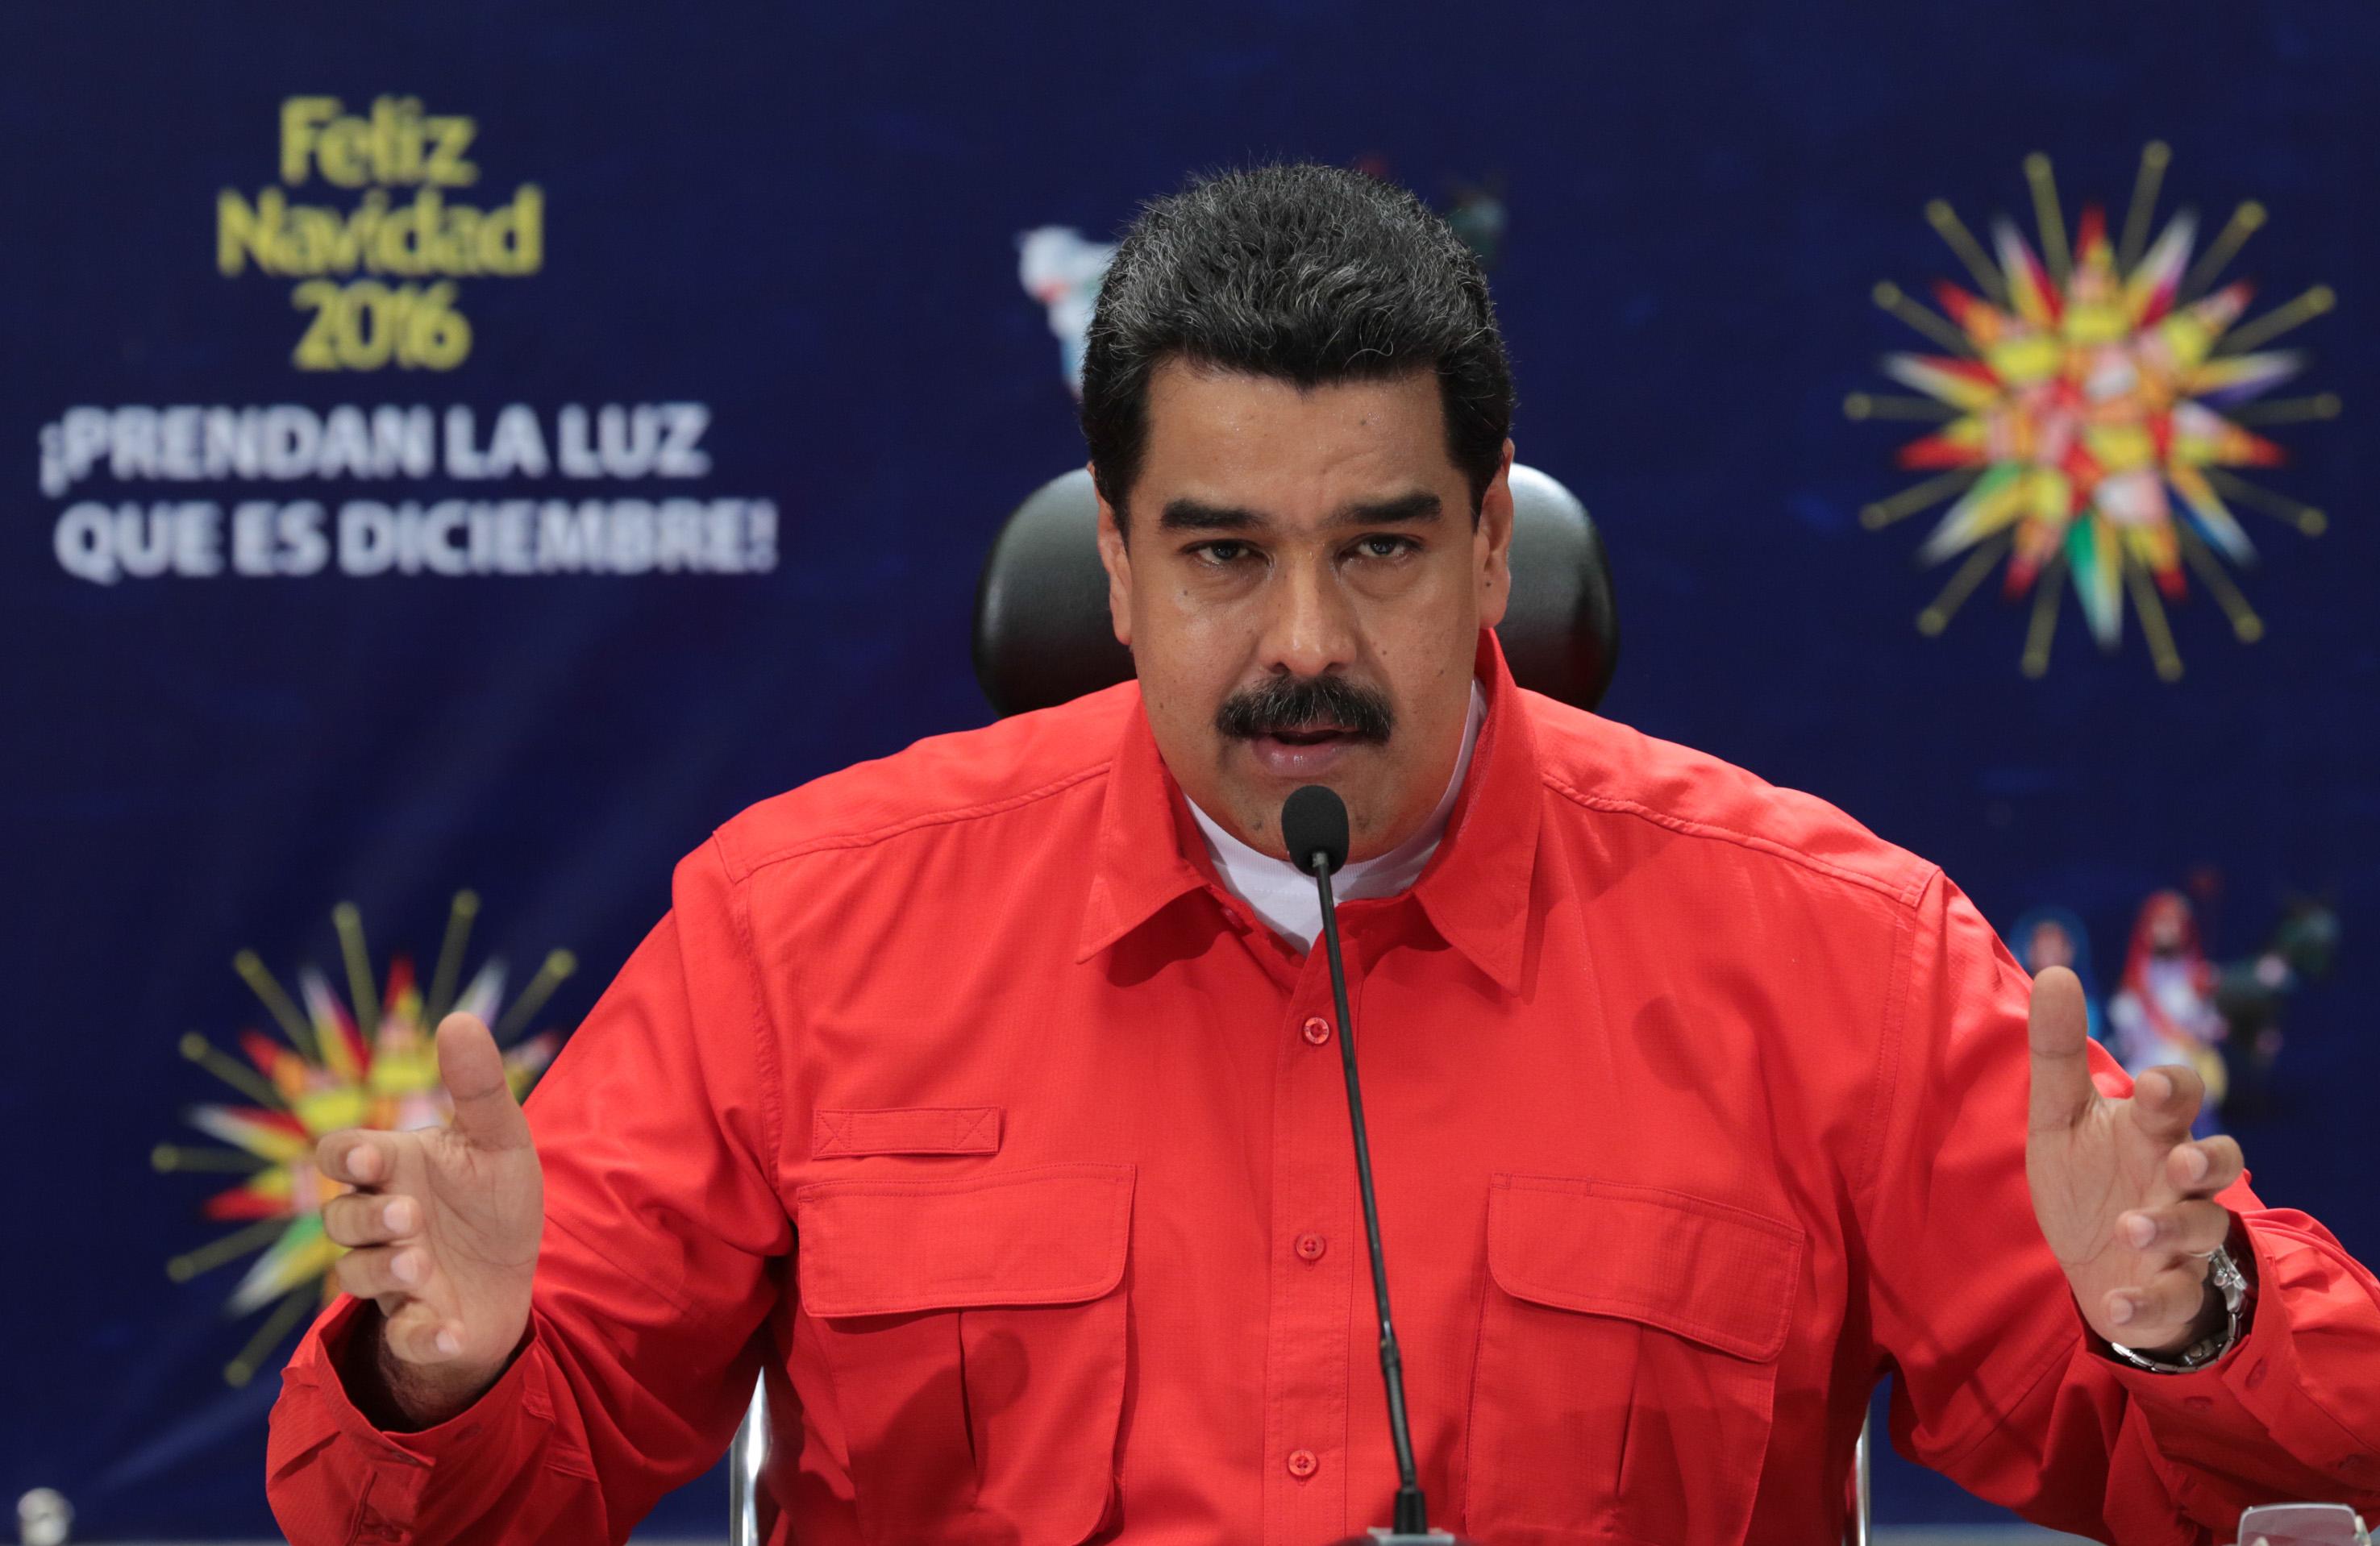 Minden jel arra mutat, hogy az inflációs csapdában vergődő Venezuela problémáit Maduro elnök csak súlyosbítja